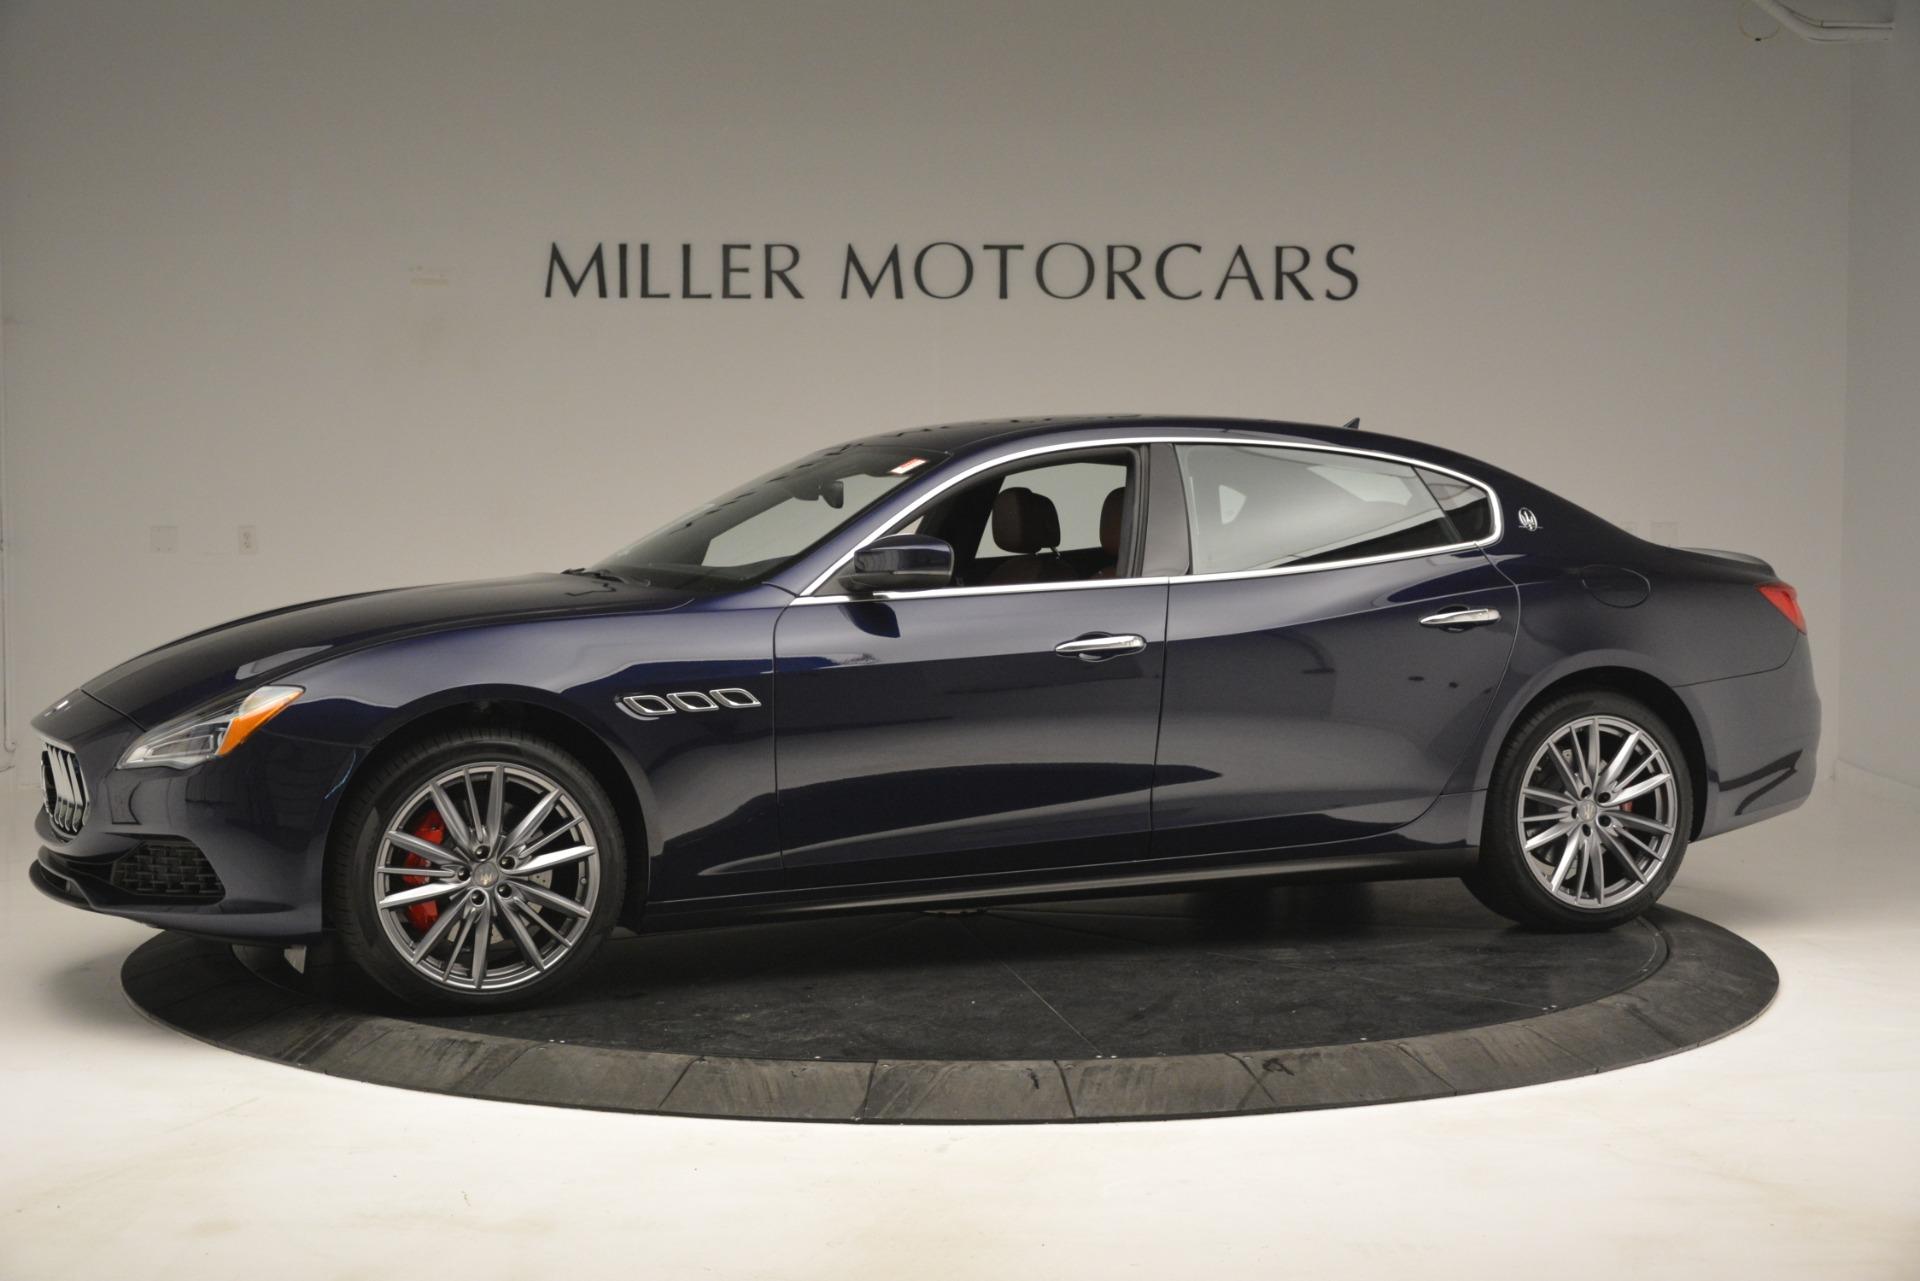 New 2019 Maserati Quattroporte S Q4 For Sale In Westport, CT 2742_p2